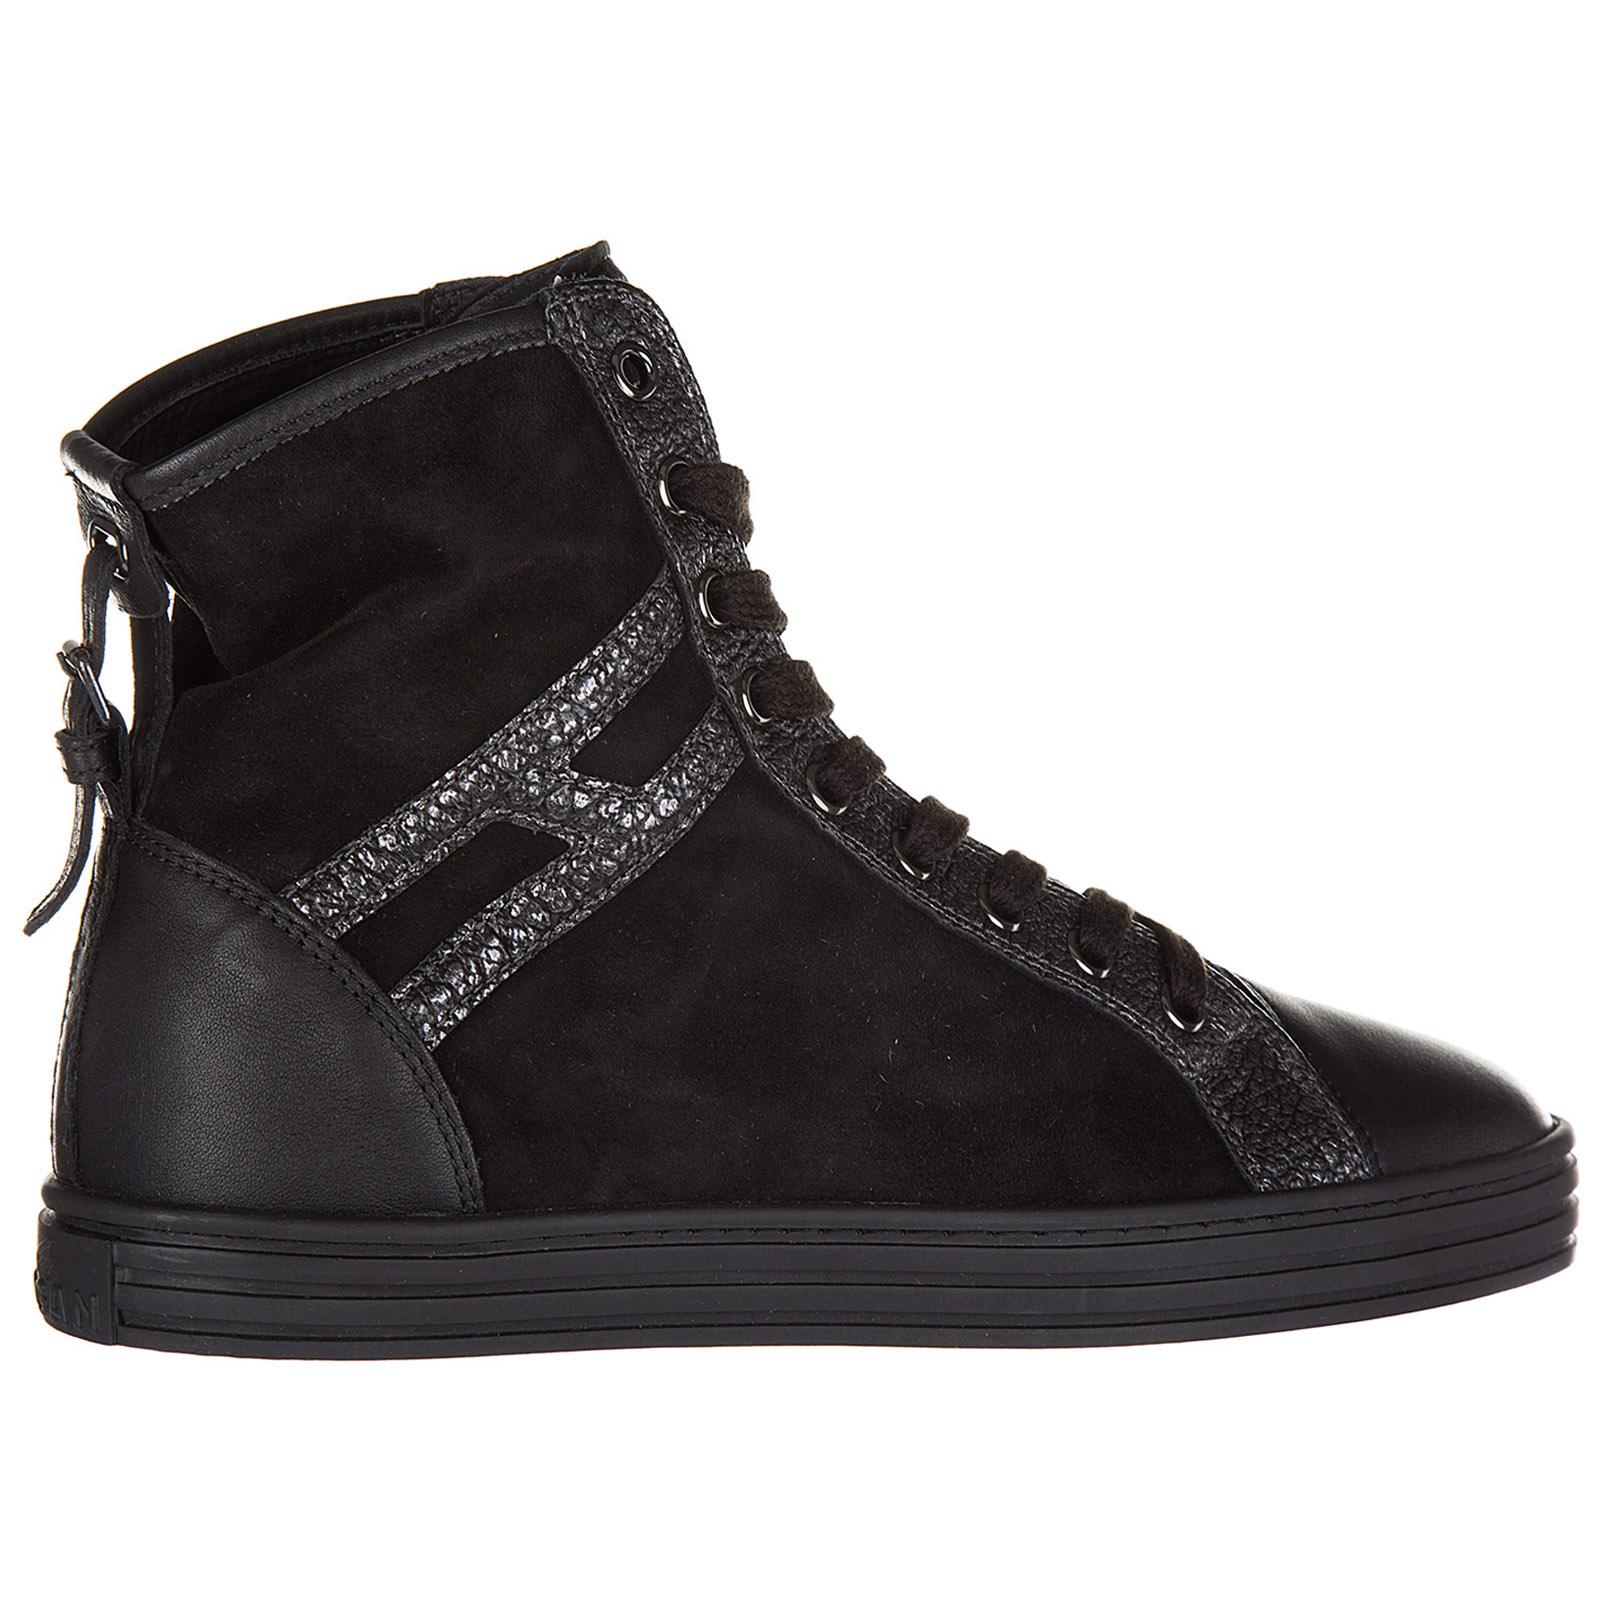 db7a7aabc1a9 Sneakers alte Hogan Rebel R182 HXW1820D661EJA0039 nero   FRMODA.com